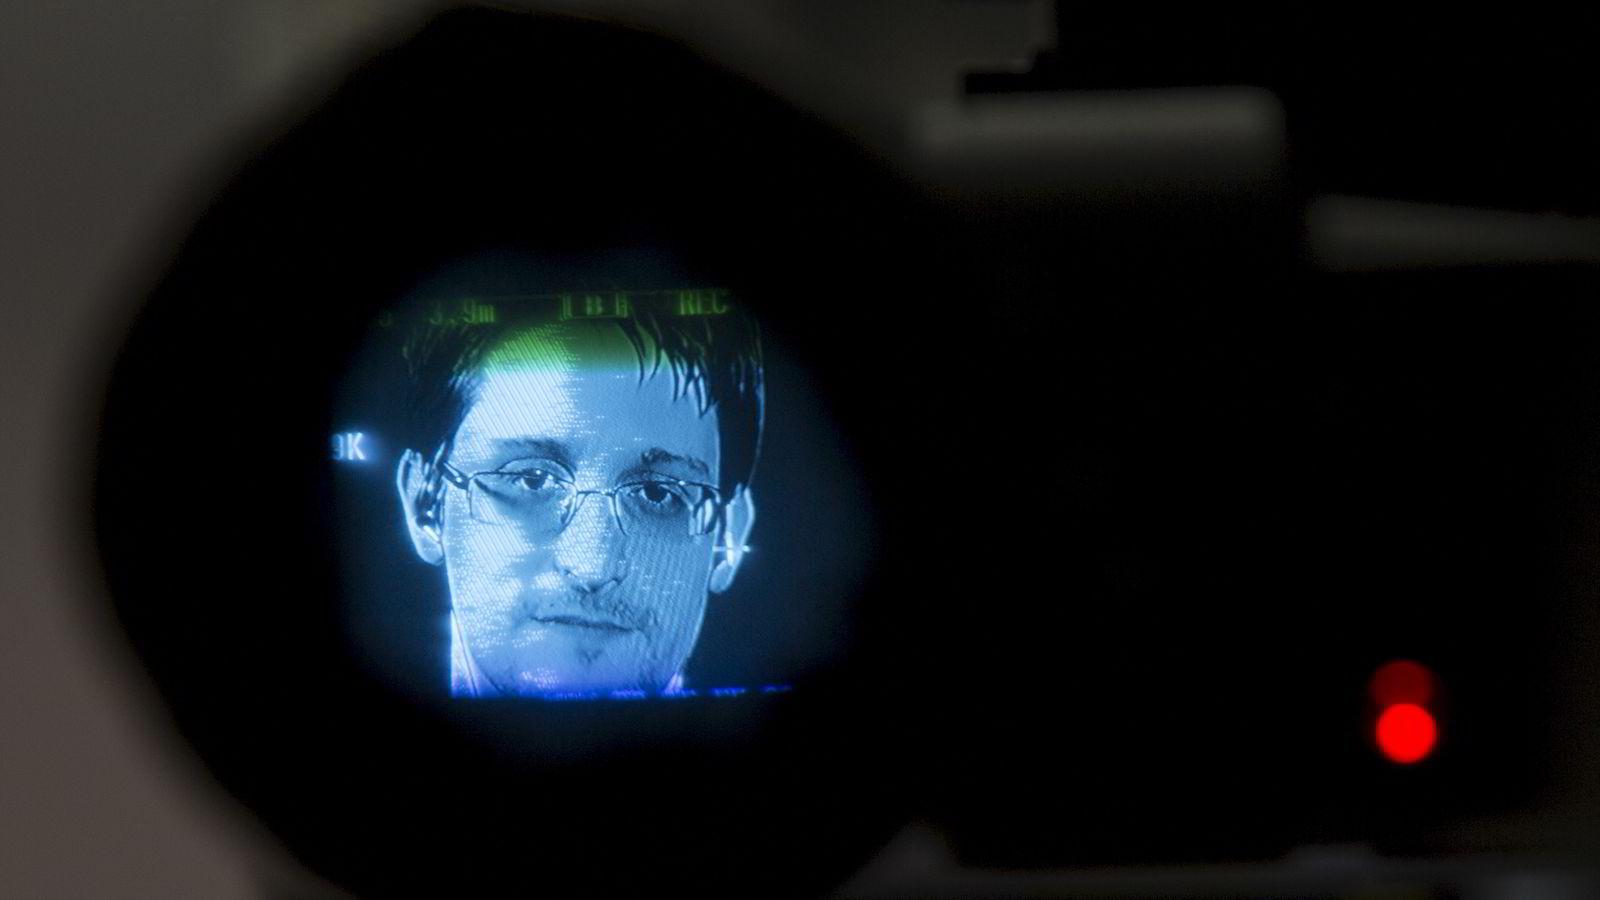 Edwards Snowden, som befinner seg i eksil i Russland, gleder seg over EU-domstolens kjennelse. Her avbildet i forbindelse med videolink-intervju fra Moskva tidligere. Foto: Andrew Kelly/Reuters/NTB Scanpix.